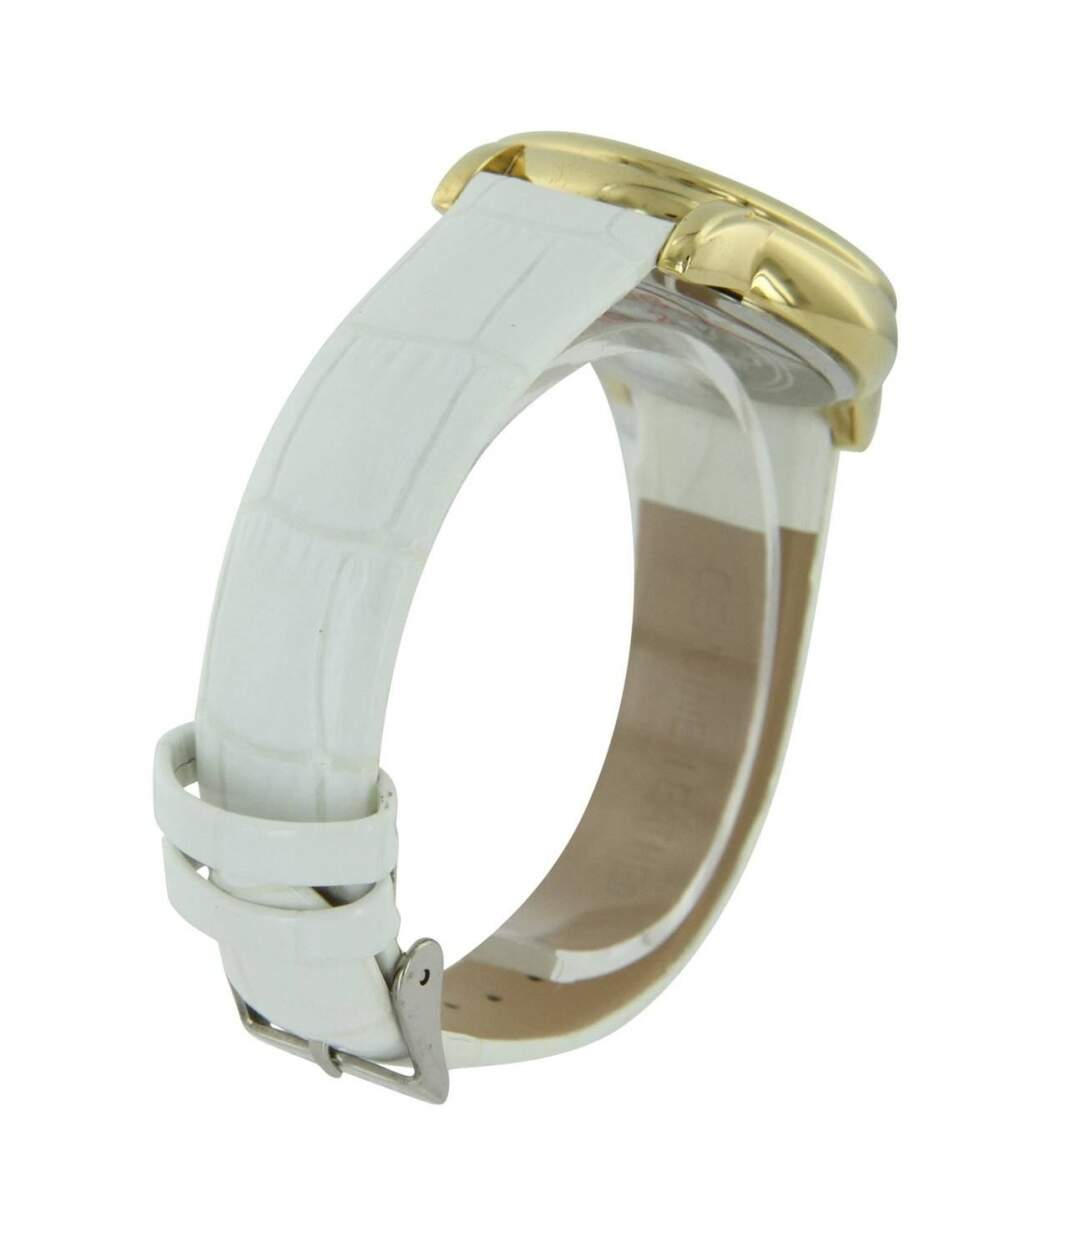 Dégagement Montre Femme ILEWAY bracelet Cuir Blanc dsf.d455nksdKLFHG